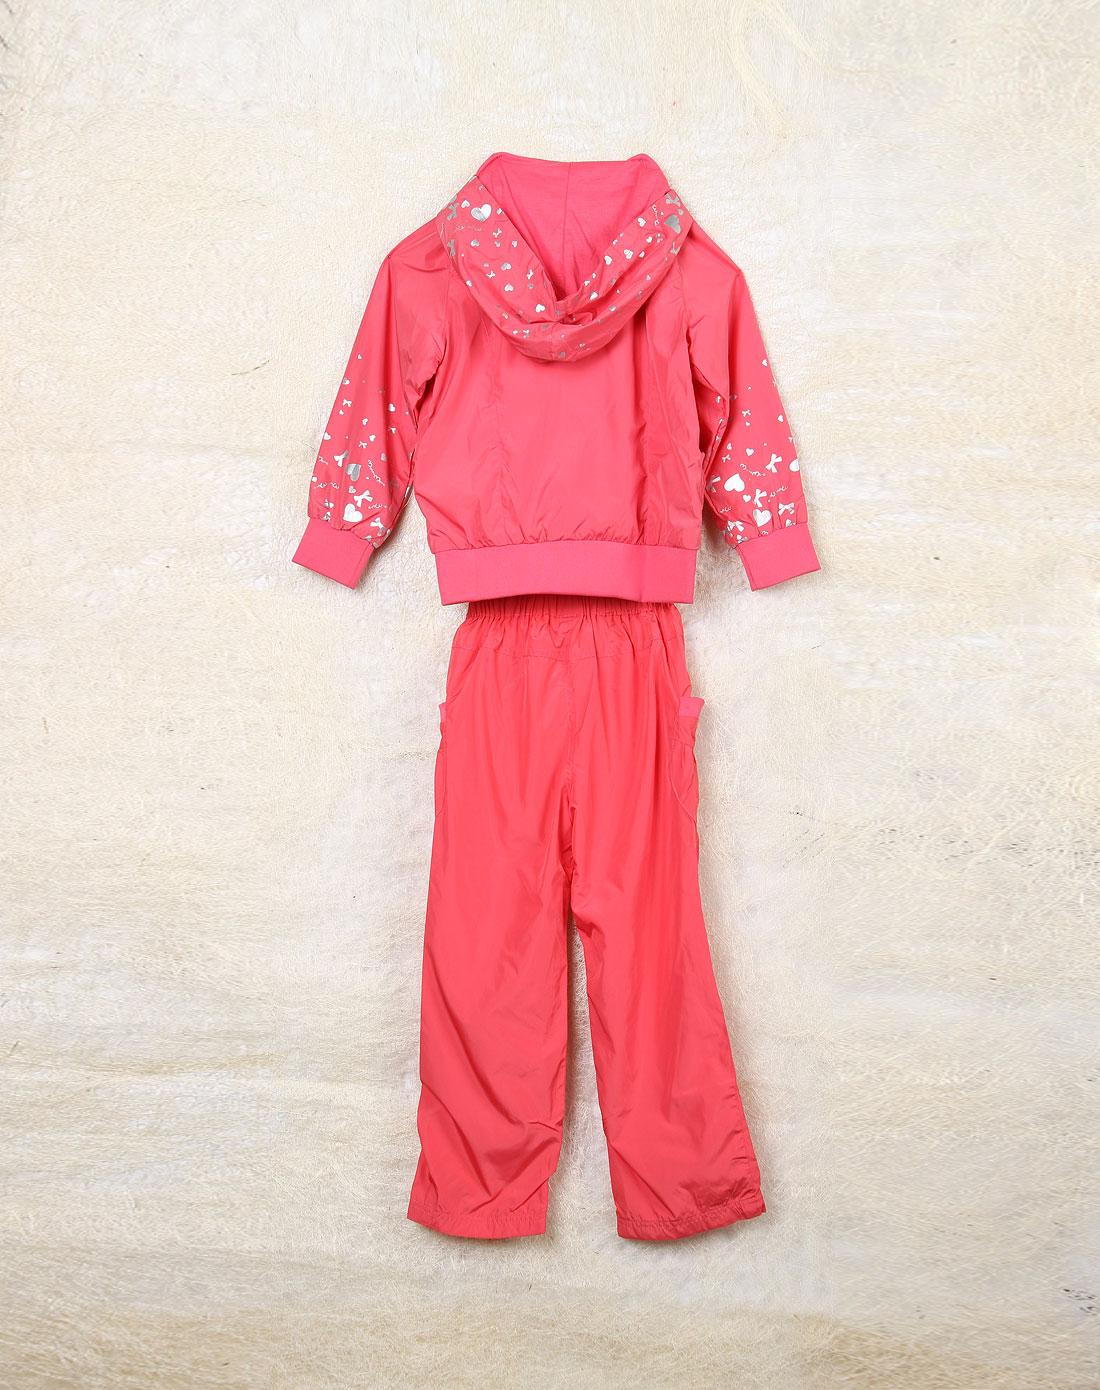 麻希玛柔moshimoro男女童混合专场-女童夕阳红色时尚长袖带帽化纤套装